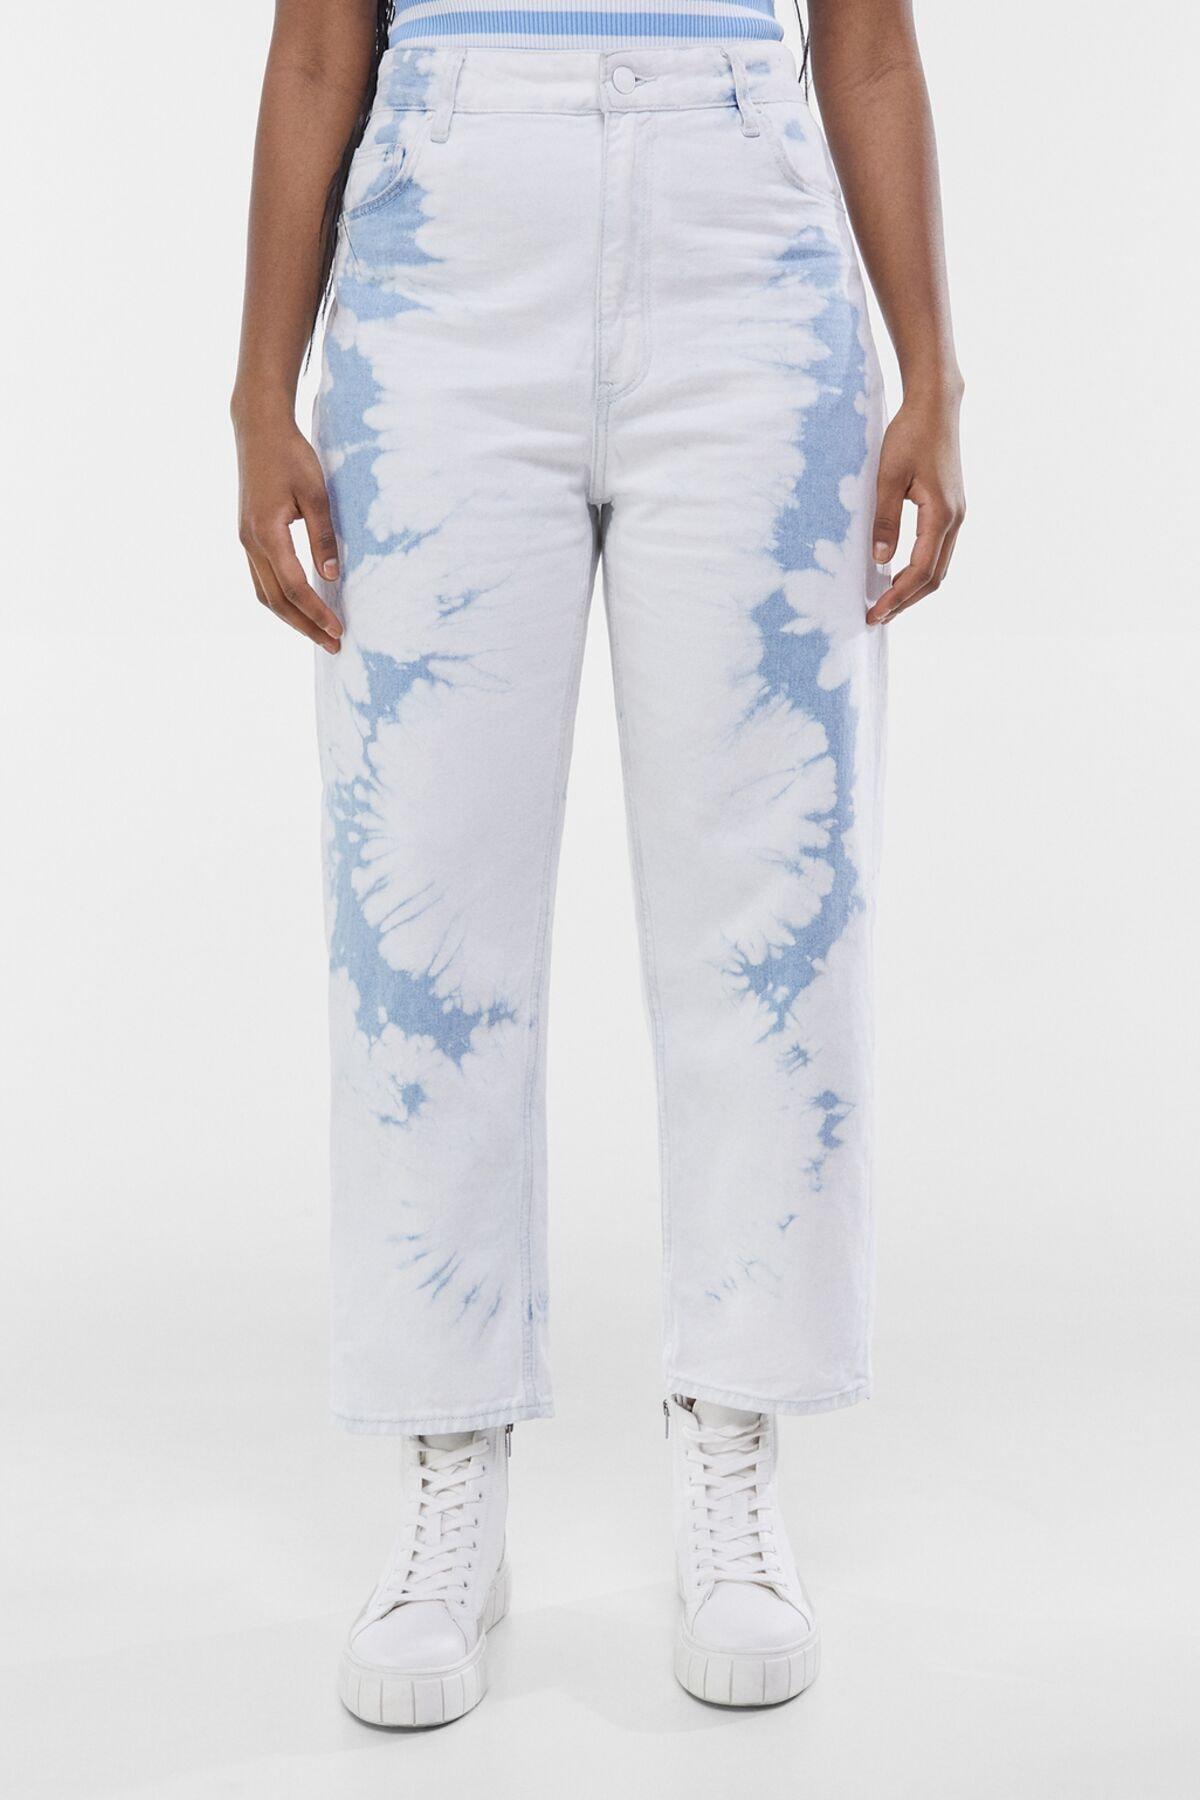 Bershka Kadın Açık Mavi Straight Fit Crop Batik Desenli Pantolon 00232220